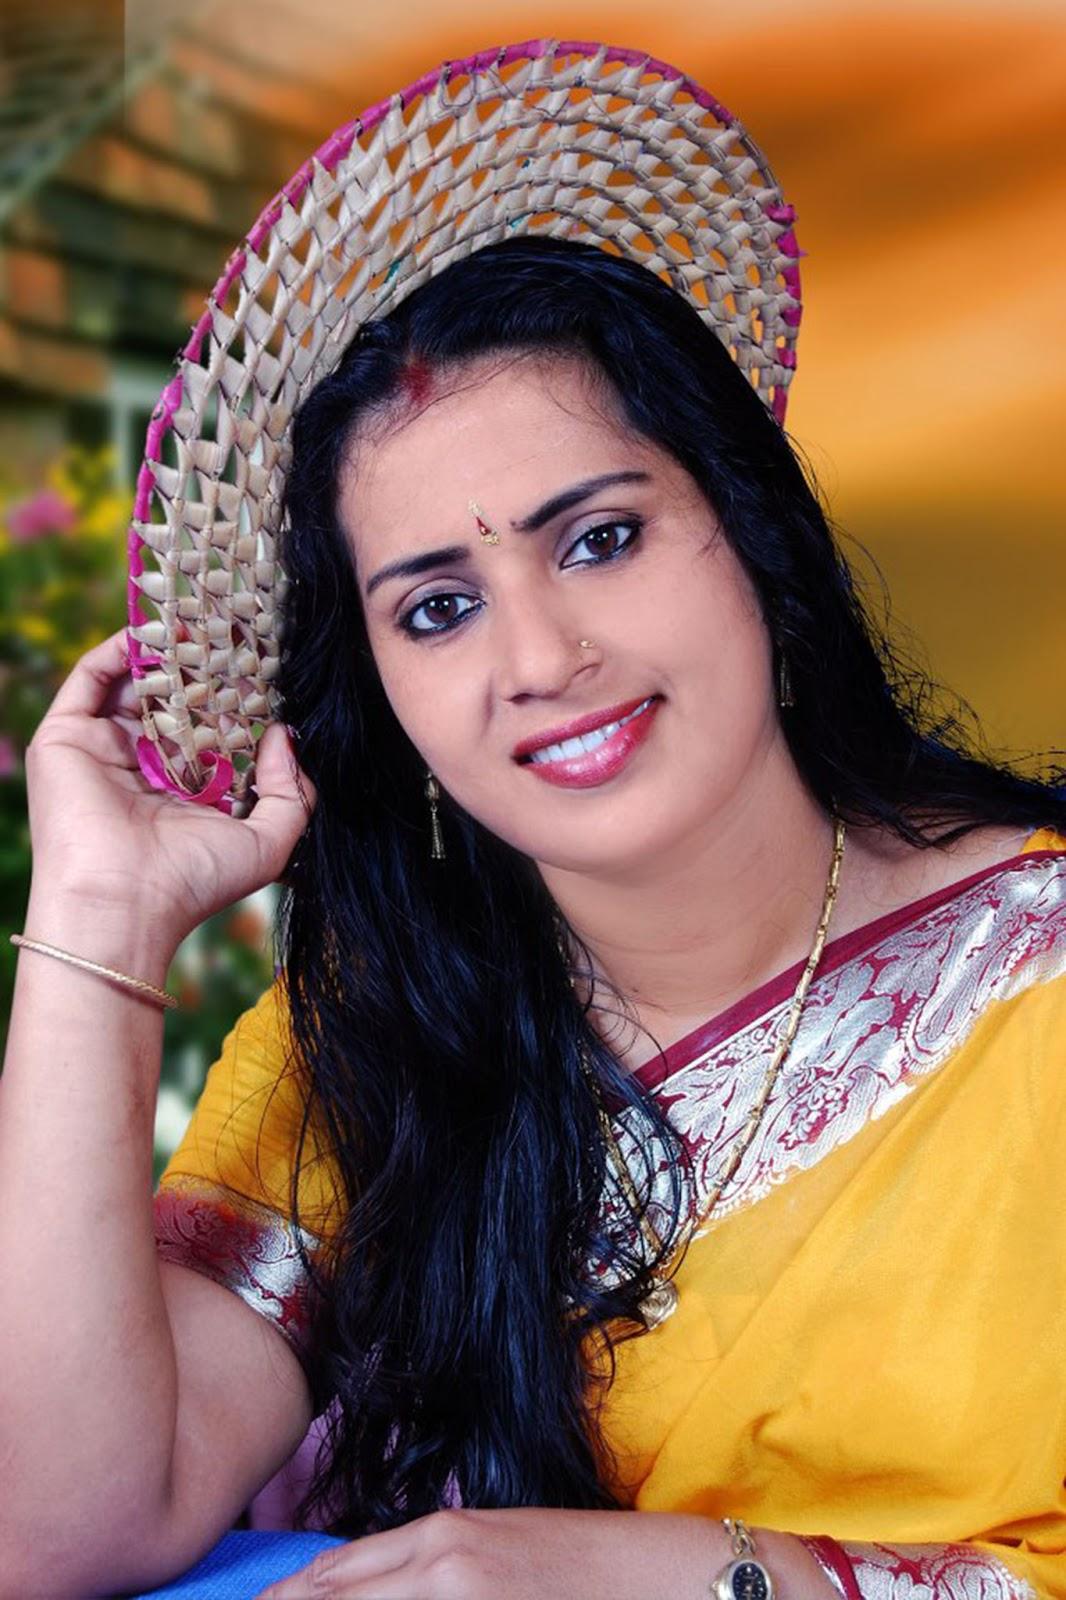 Hot Aunty Photos Mallu Aunty Hotness Images - Celebrity -9412